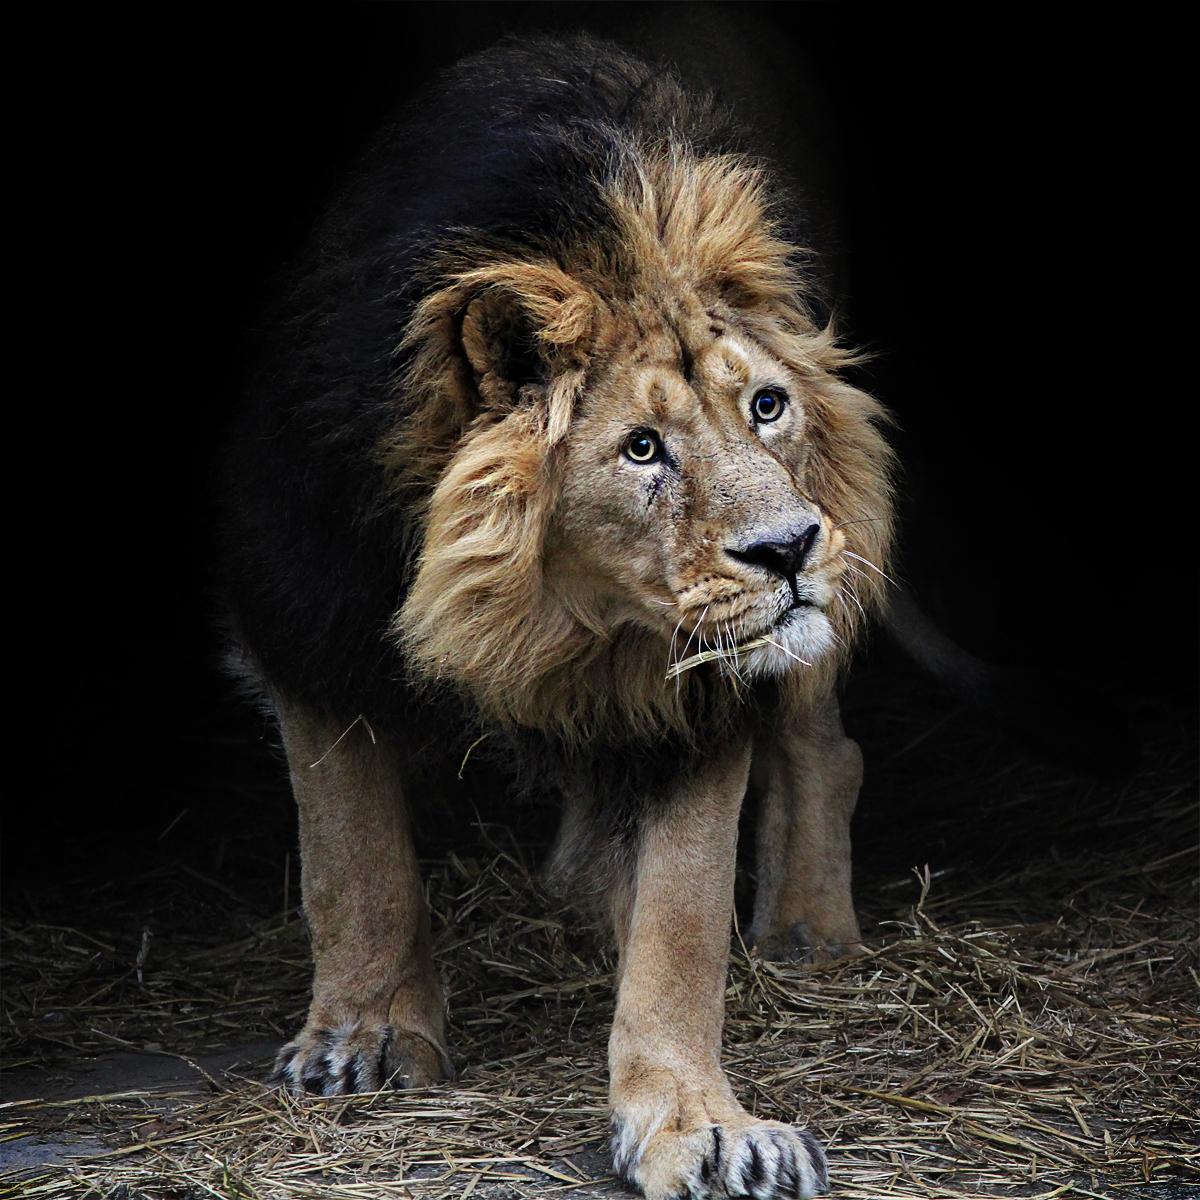 The Lion 'King' - Jinterwas